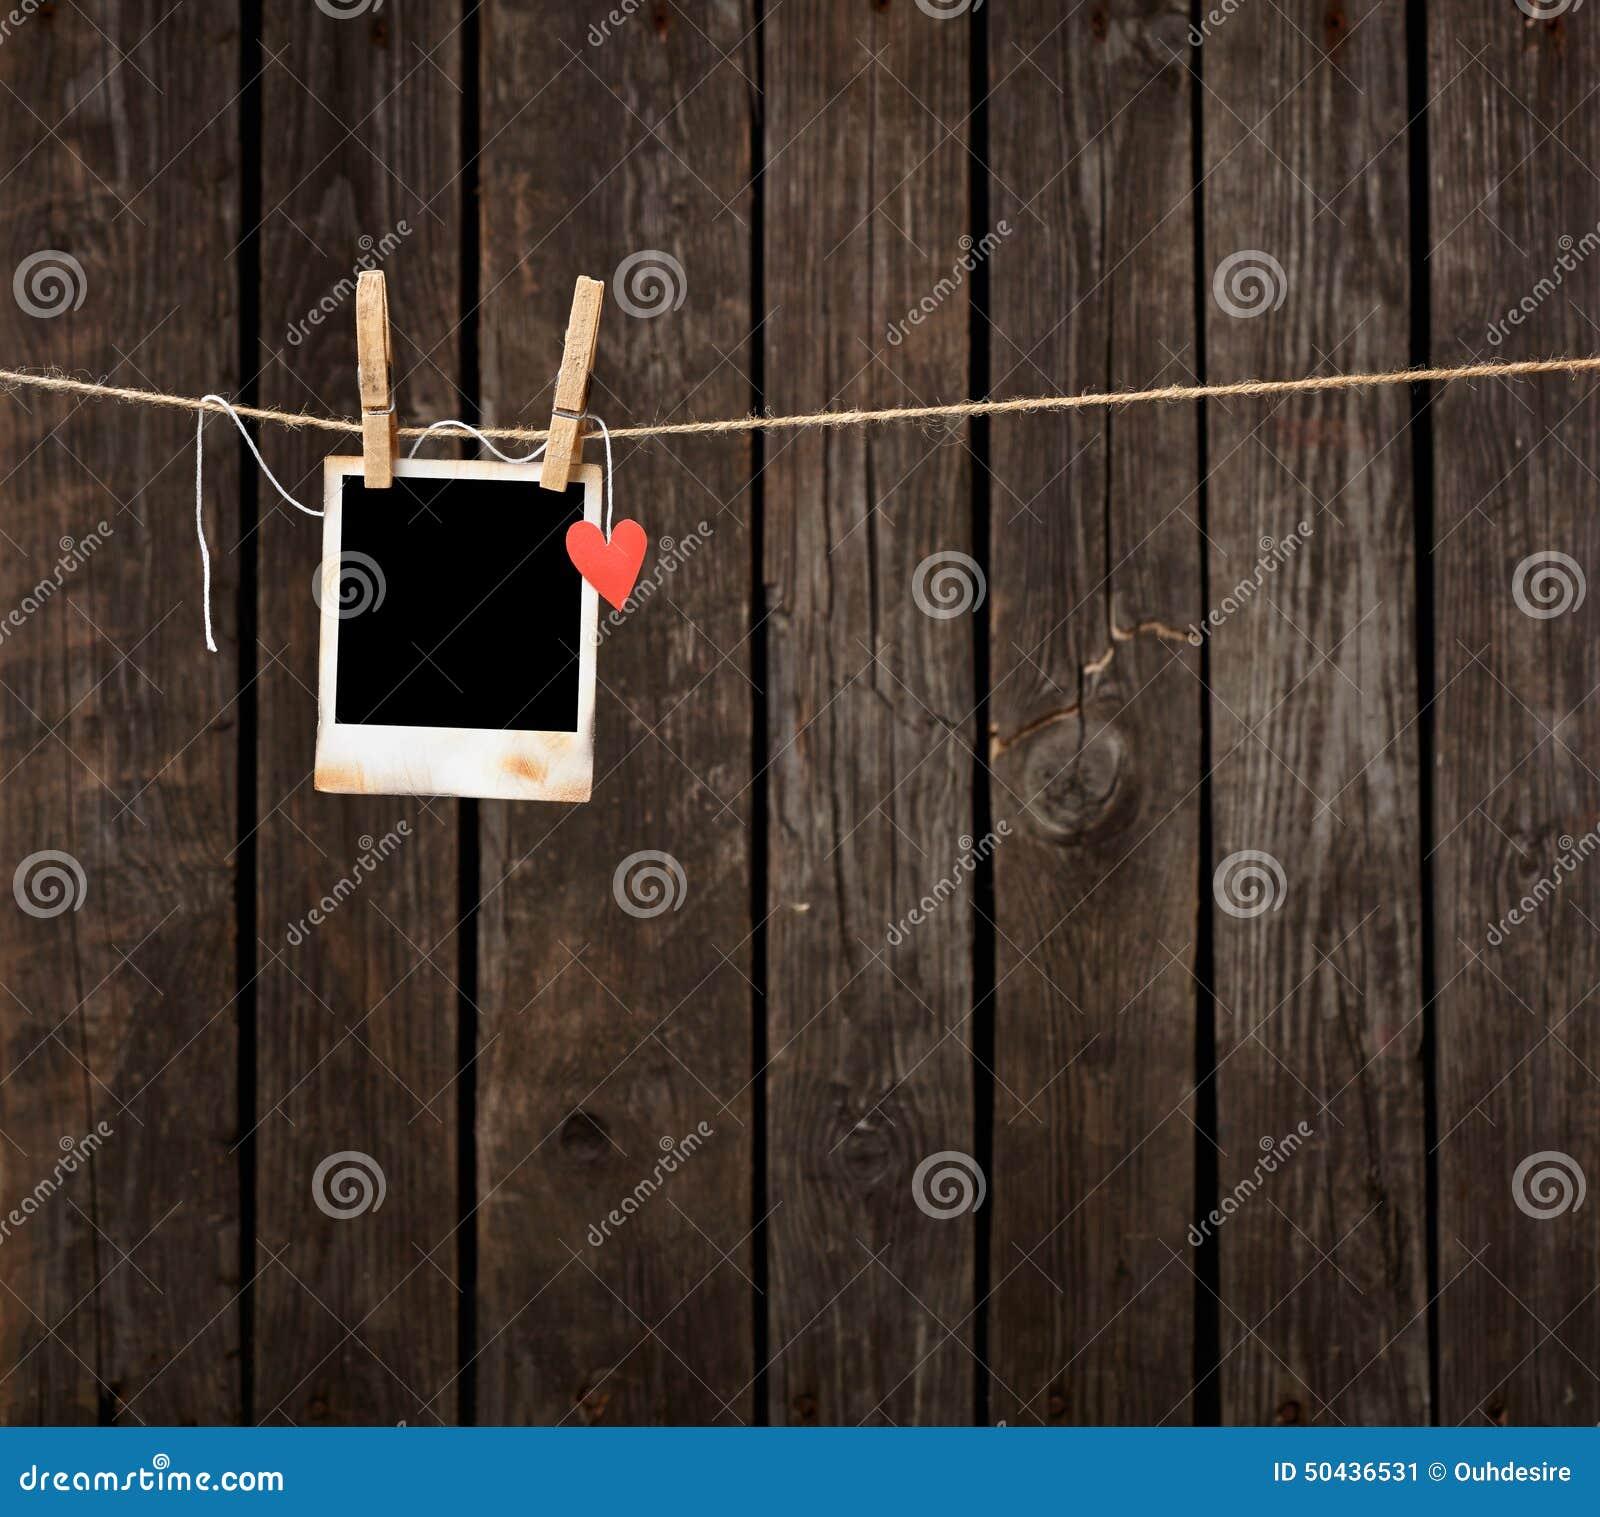 Fotorahmen Mit Papierherzfall Auf Seil Stockbild - Bild von anzeige ...